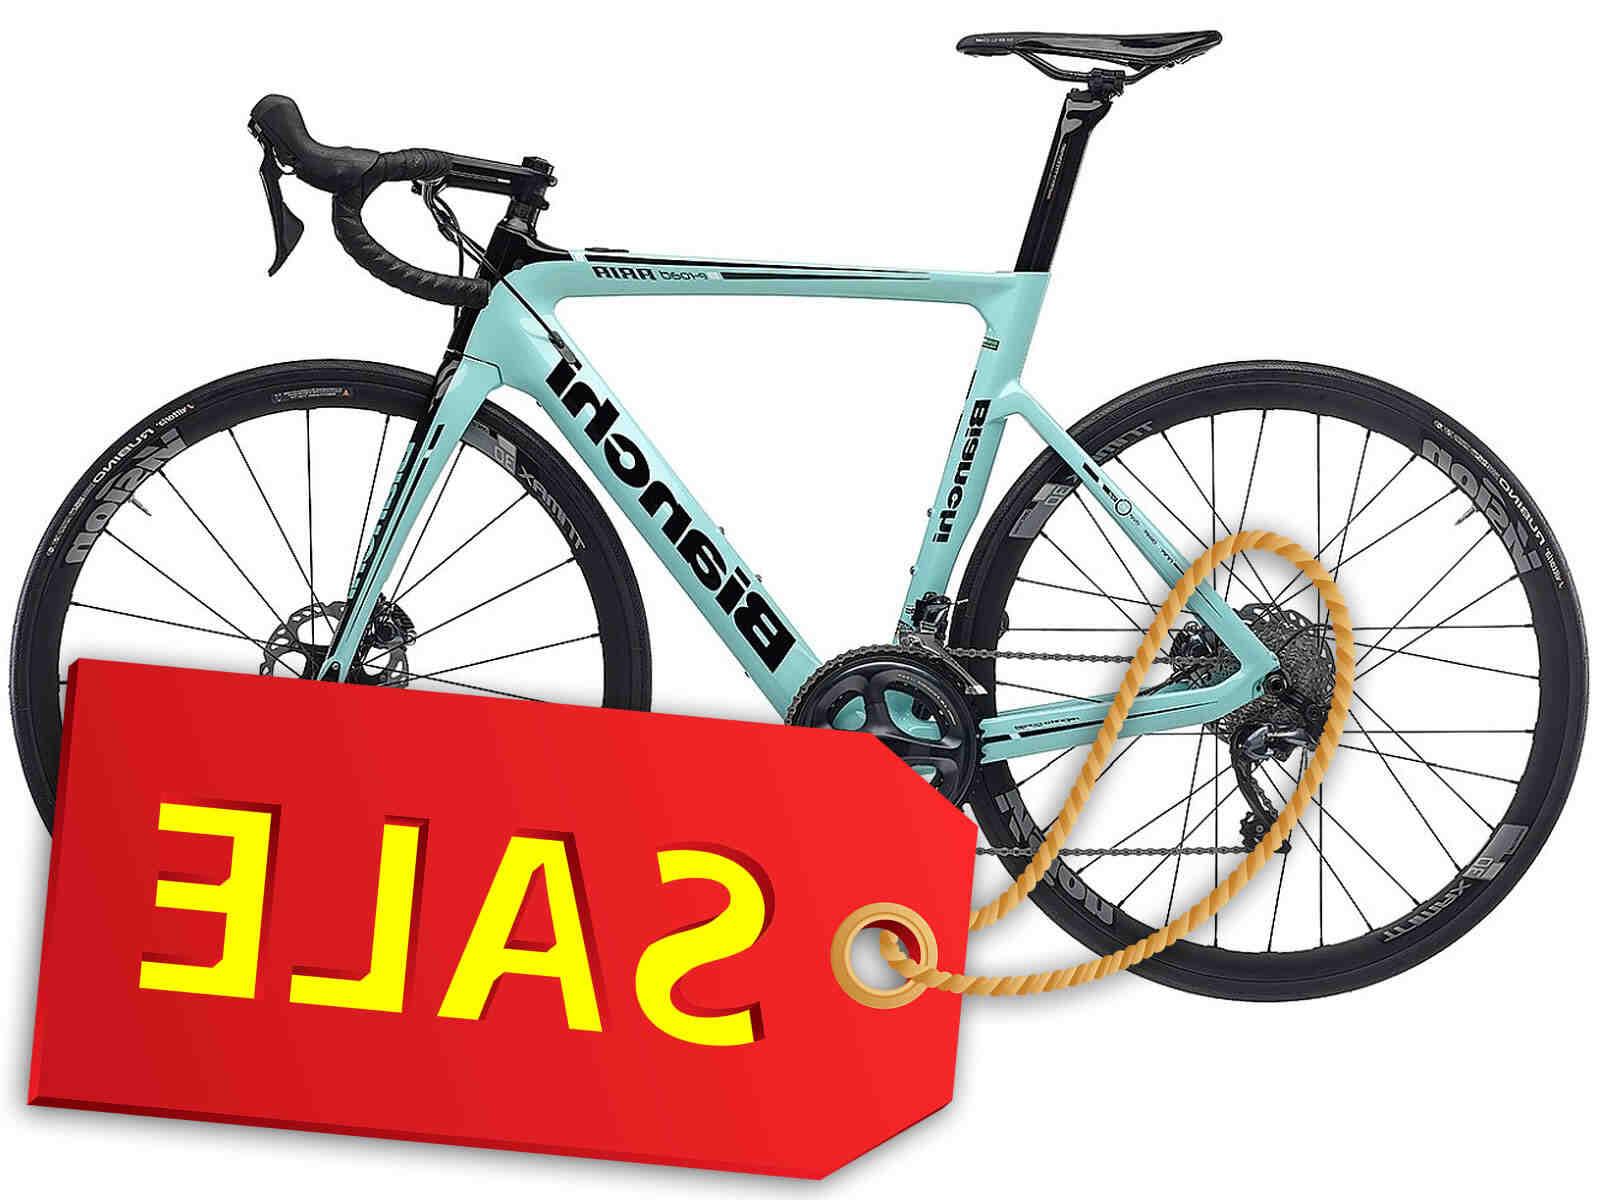 Comment Evaluer la valeur d'un vélo ?